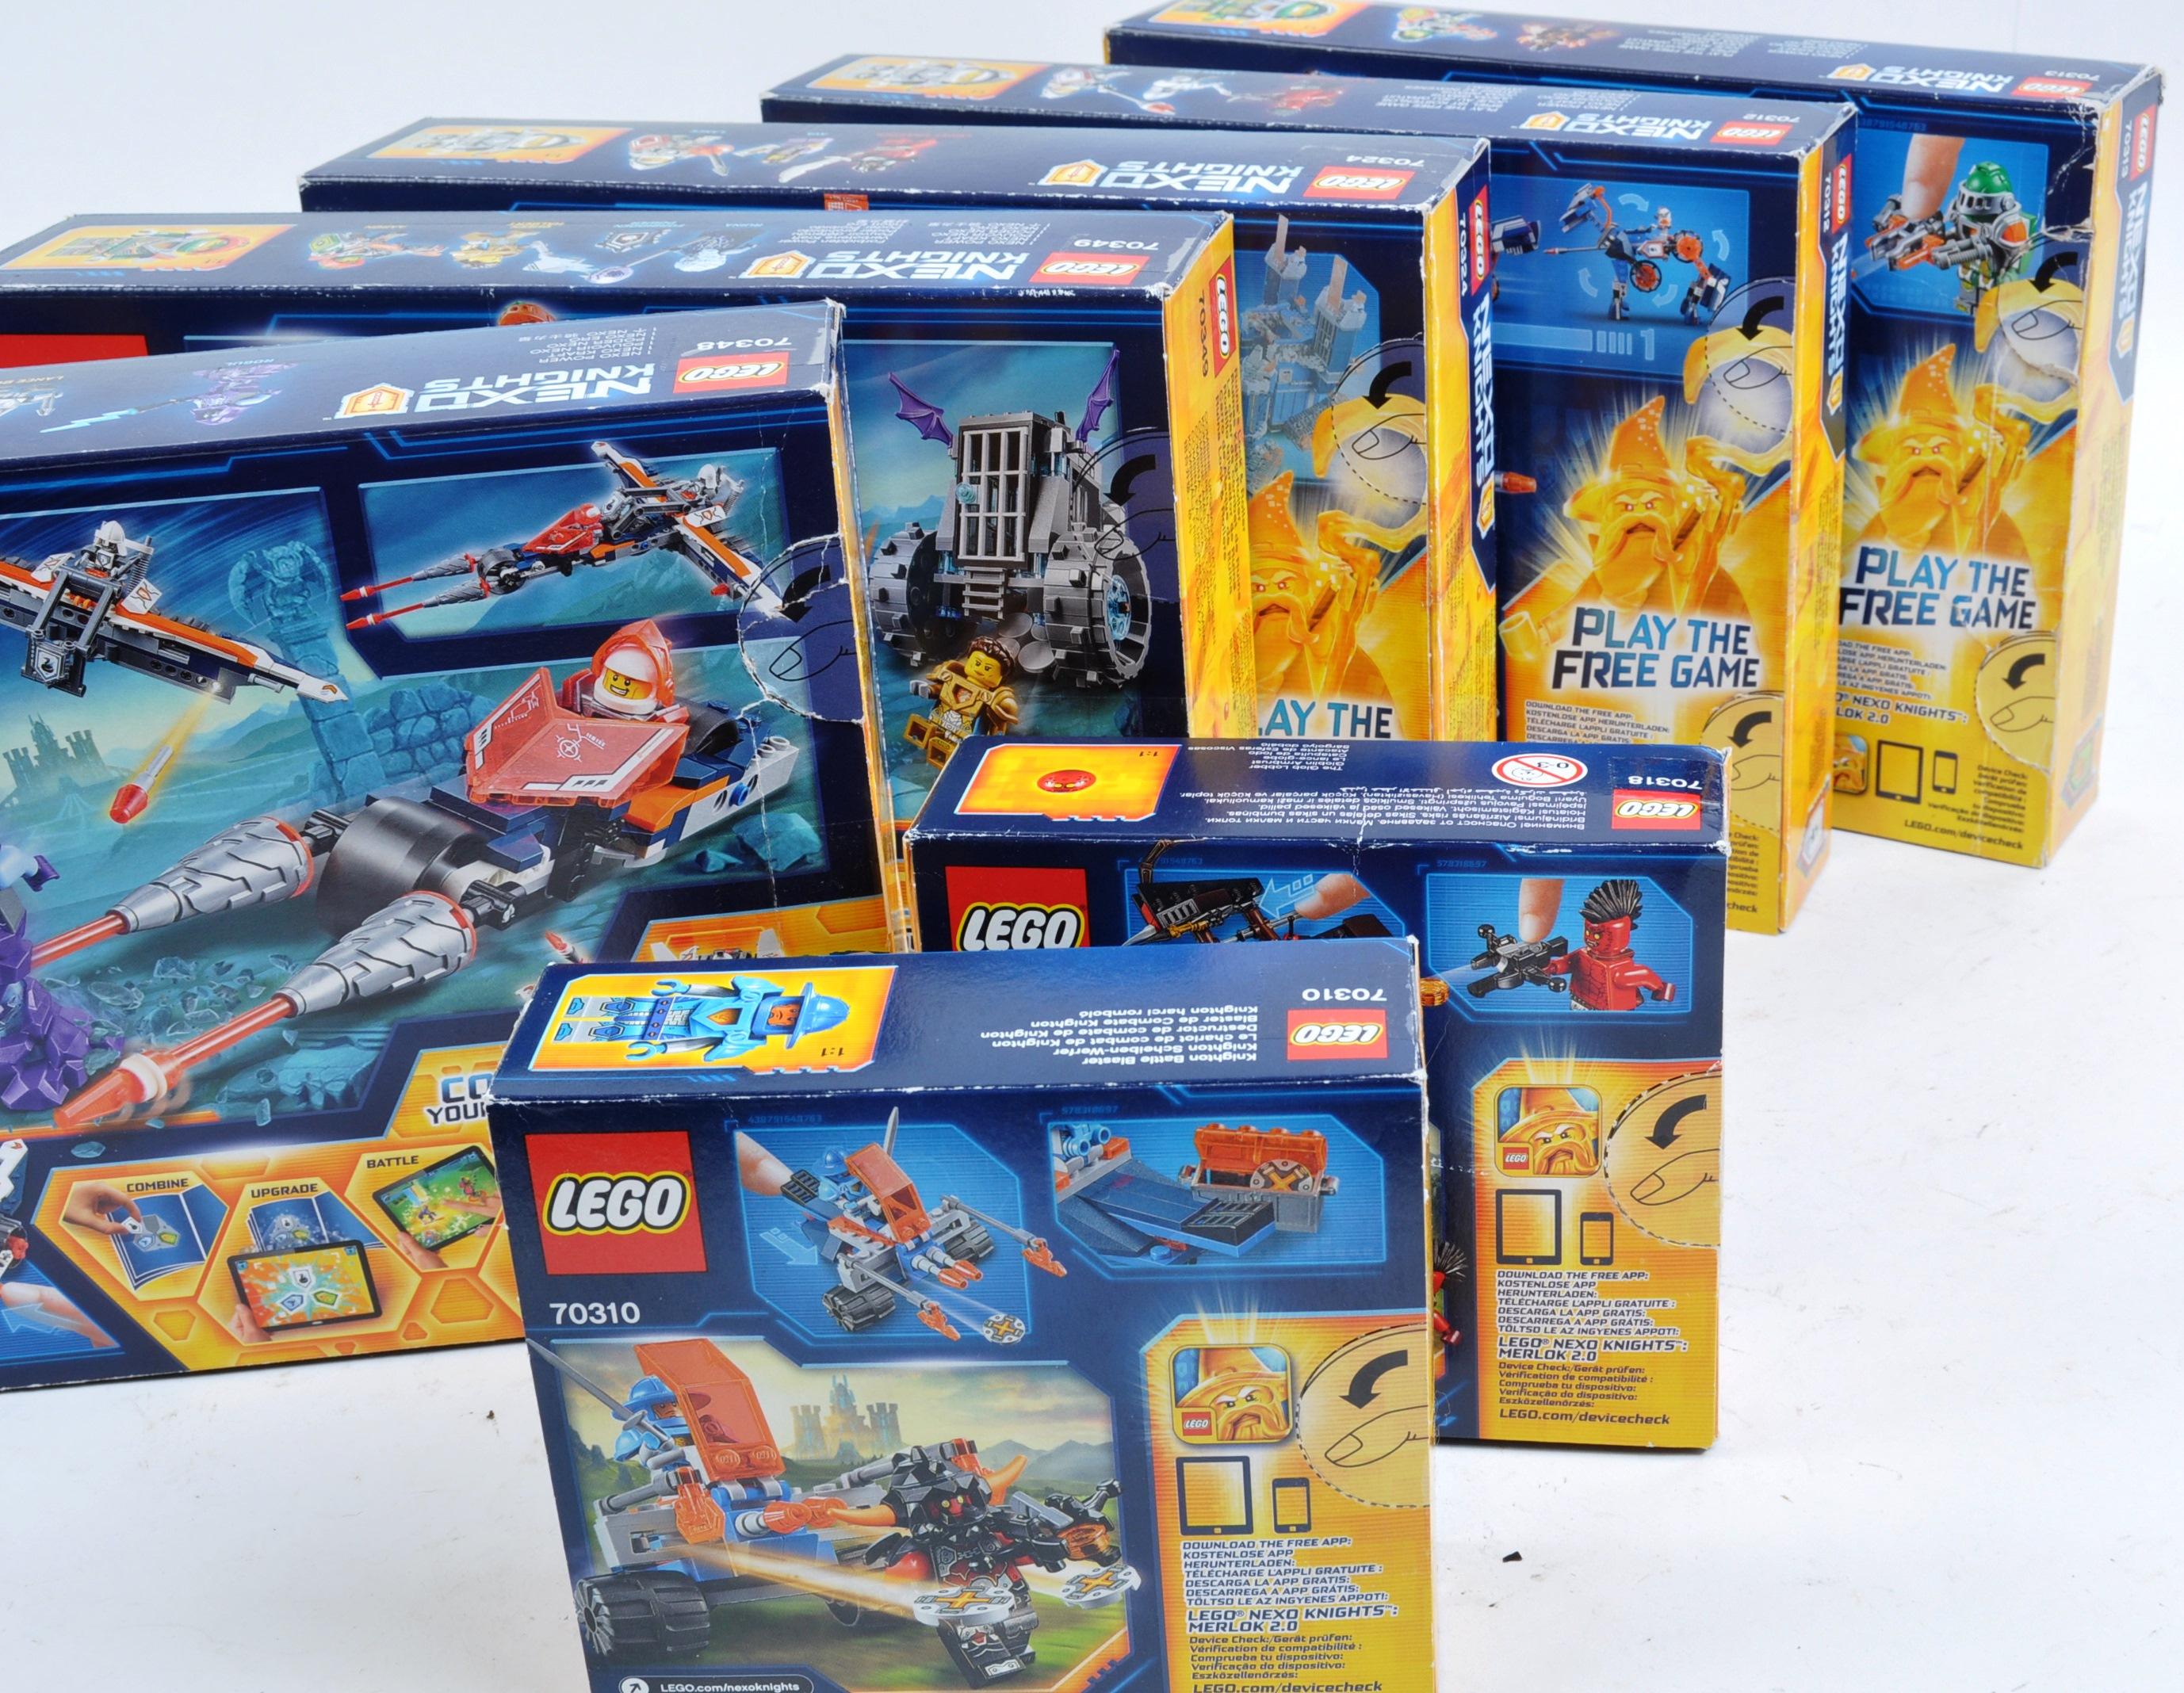 LEGO SETS - LEGO NEXO KNIGHTS - Image 6 of 6